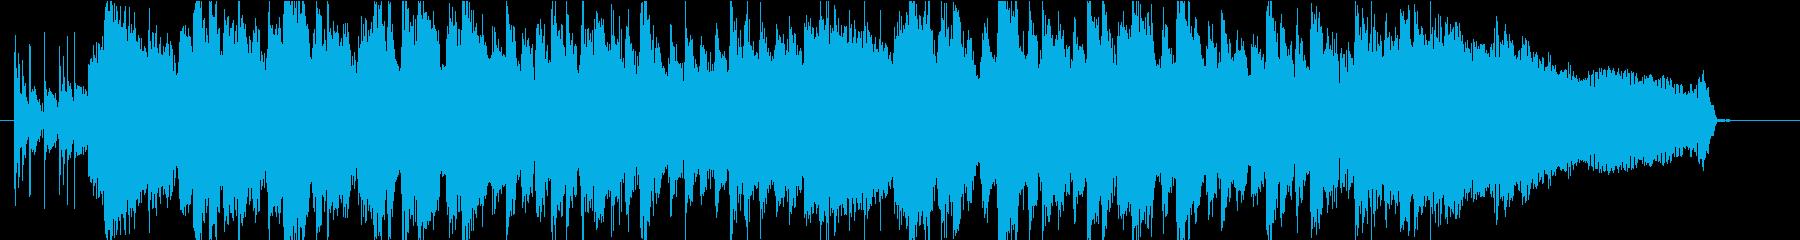 カリフラワーがテーマのミドルテンポ楽曲の再生済みの波形